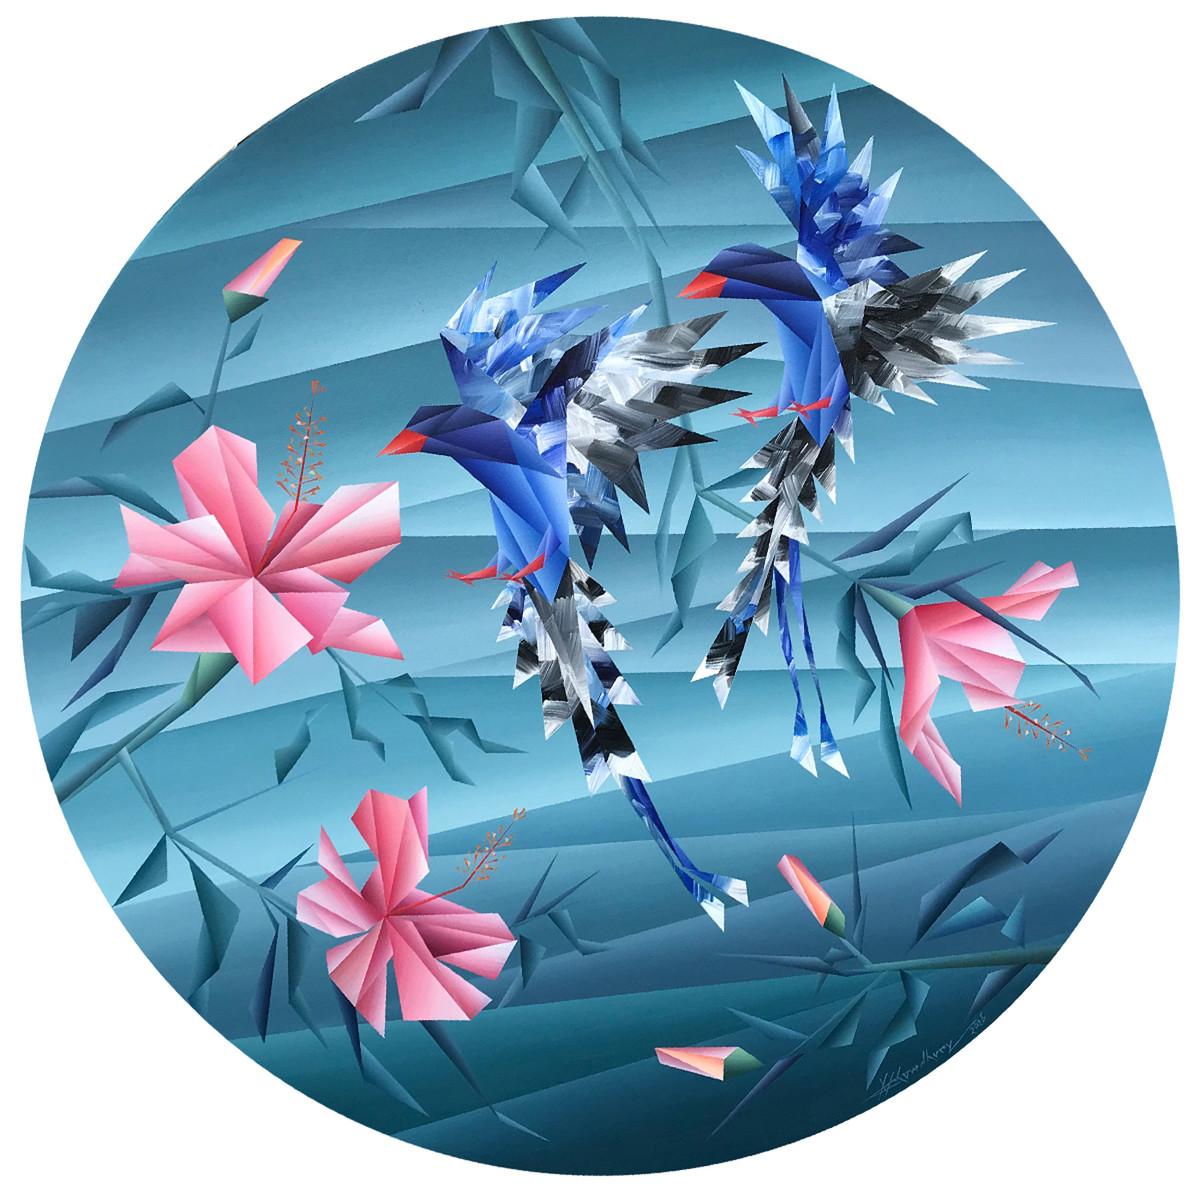 similarity by Nirakar Chowdhury, Expressionism Painting, Acrylic on Canvas, Wedgewood color